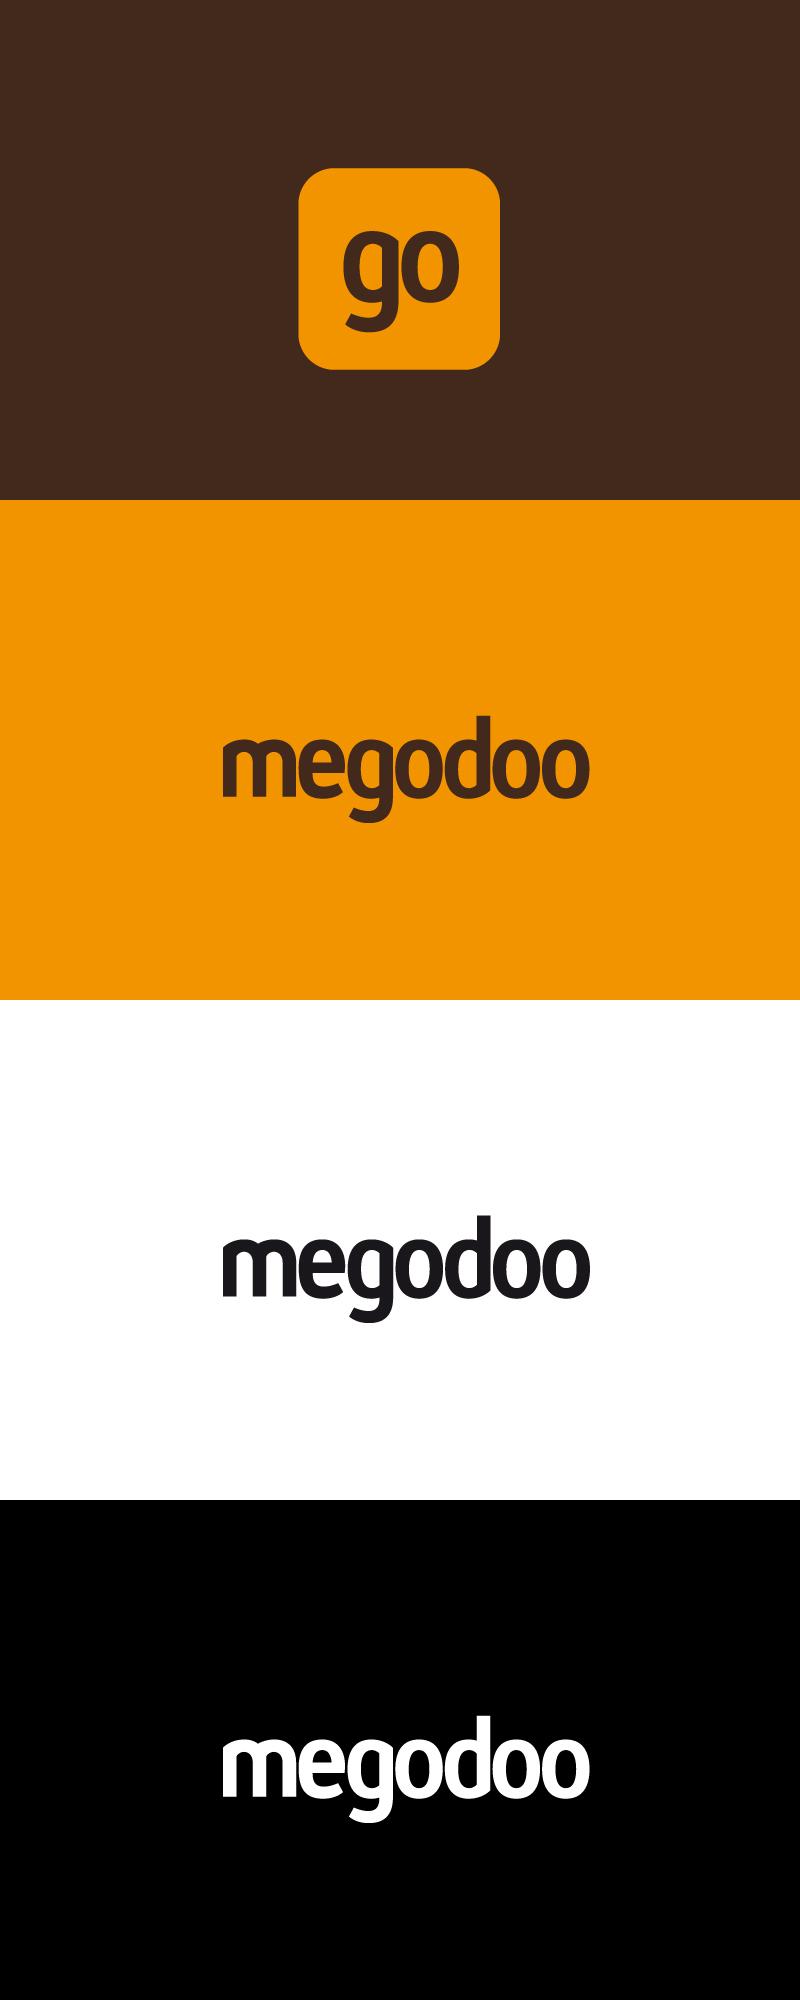 megodoo